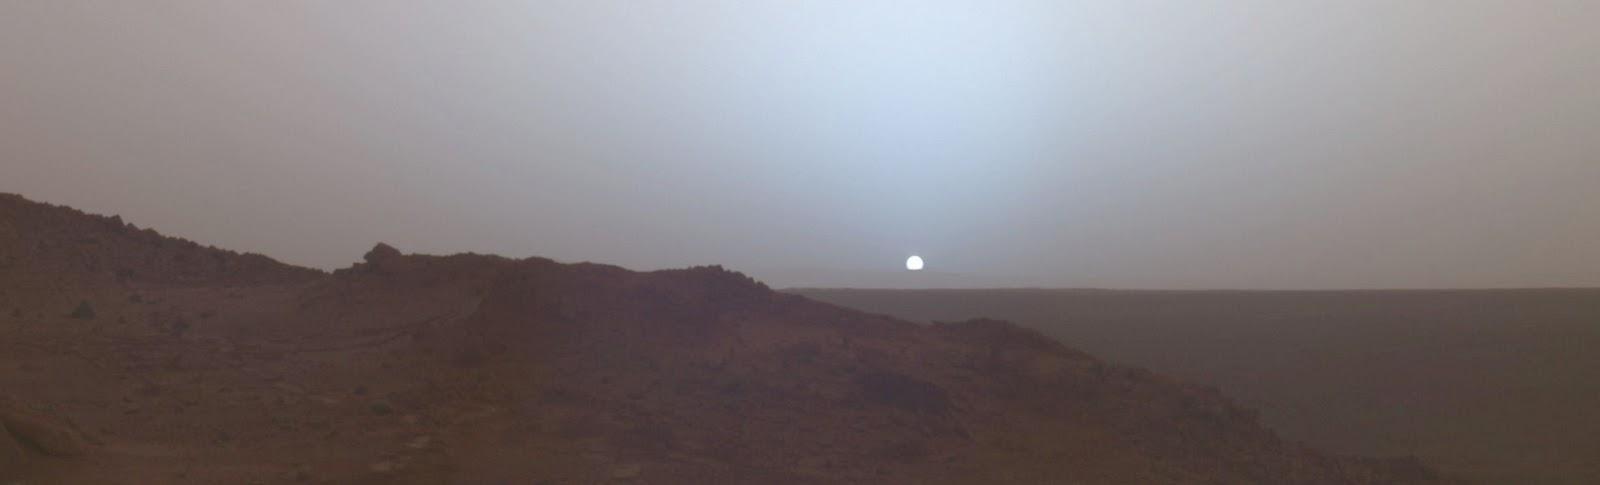 Astronomia per tutti: Il Sole visto dagli altri pianeti ...